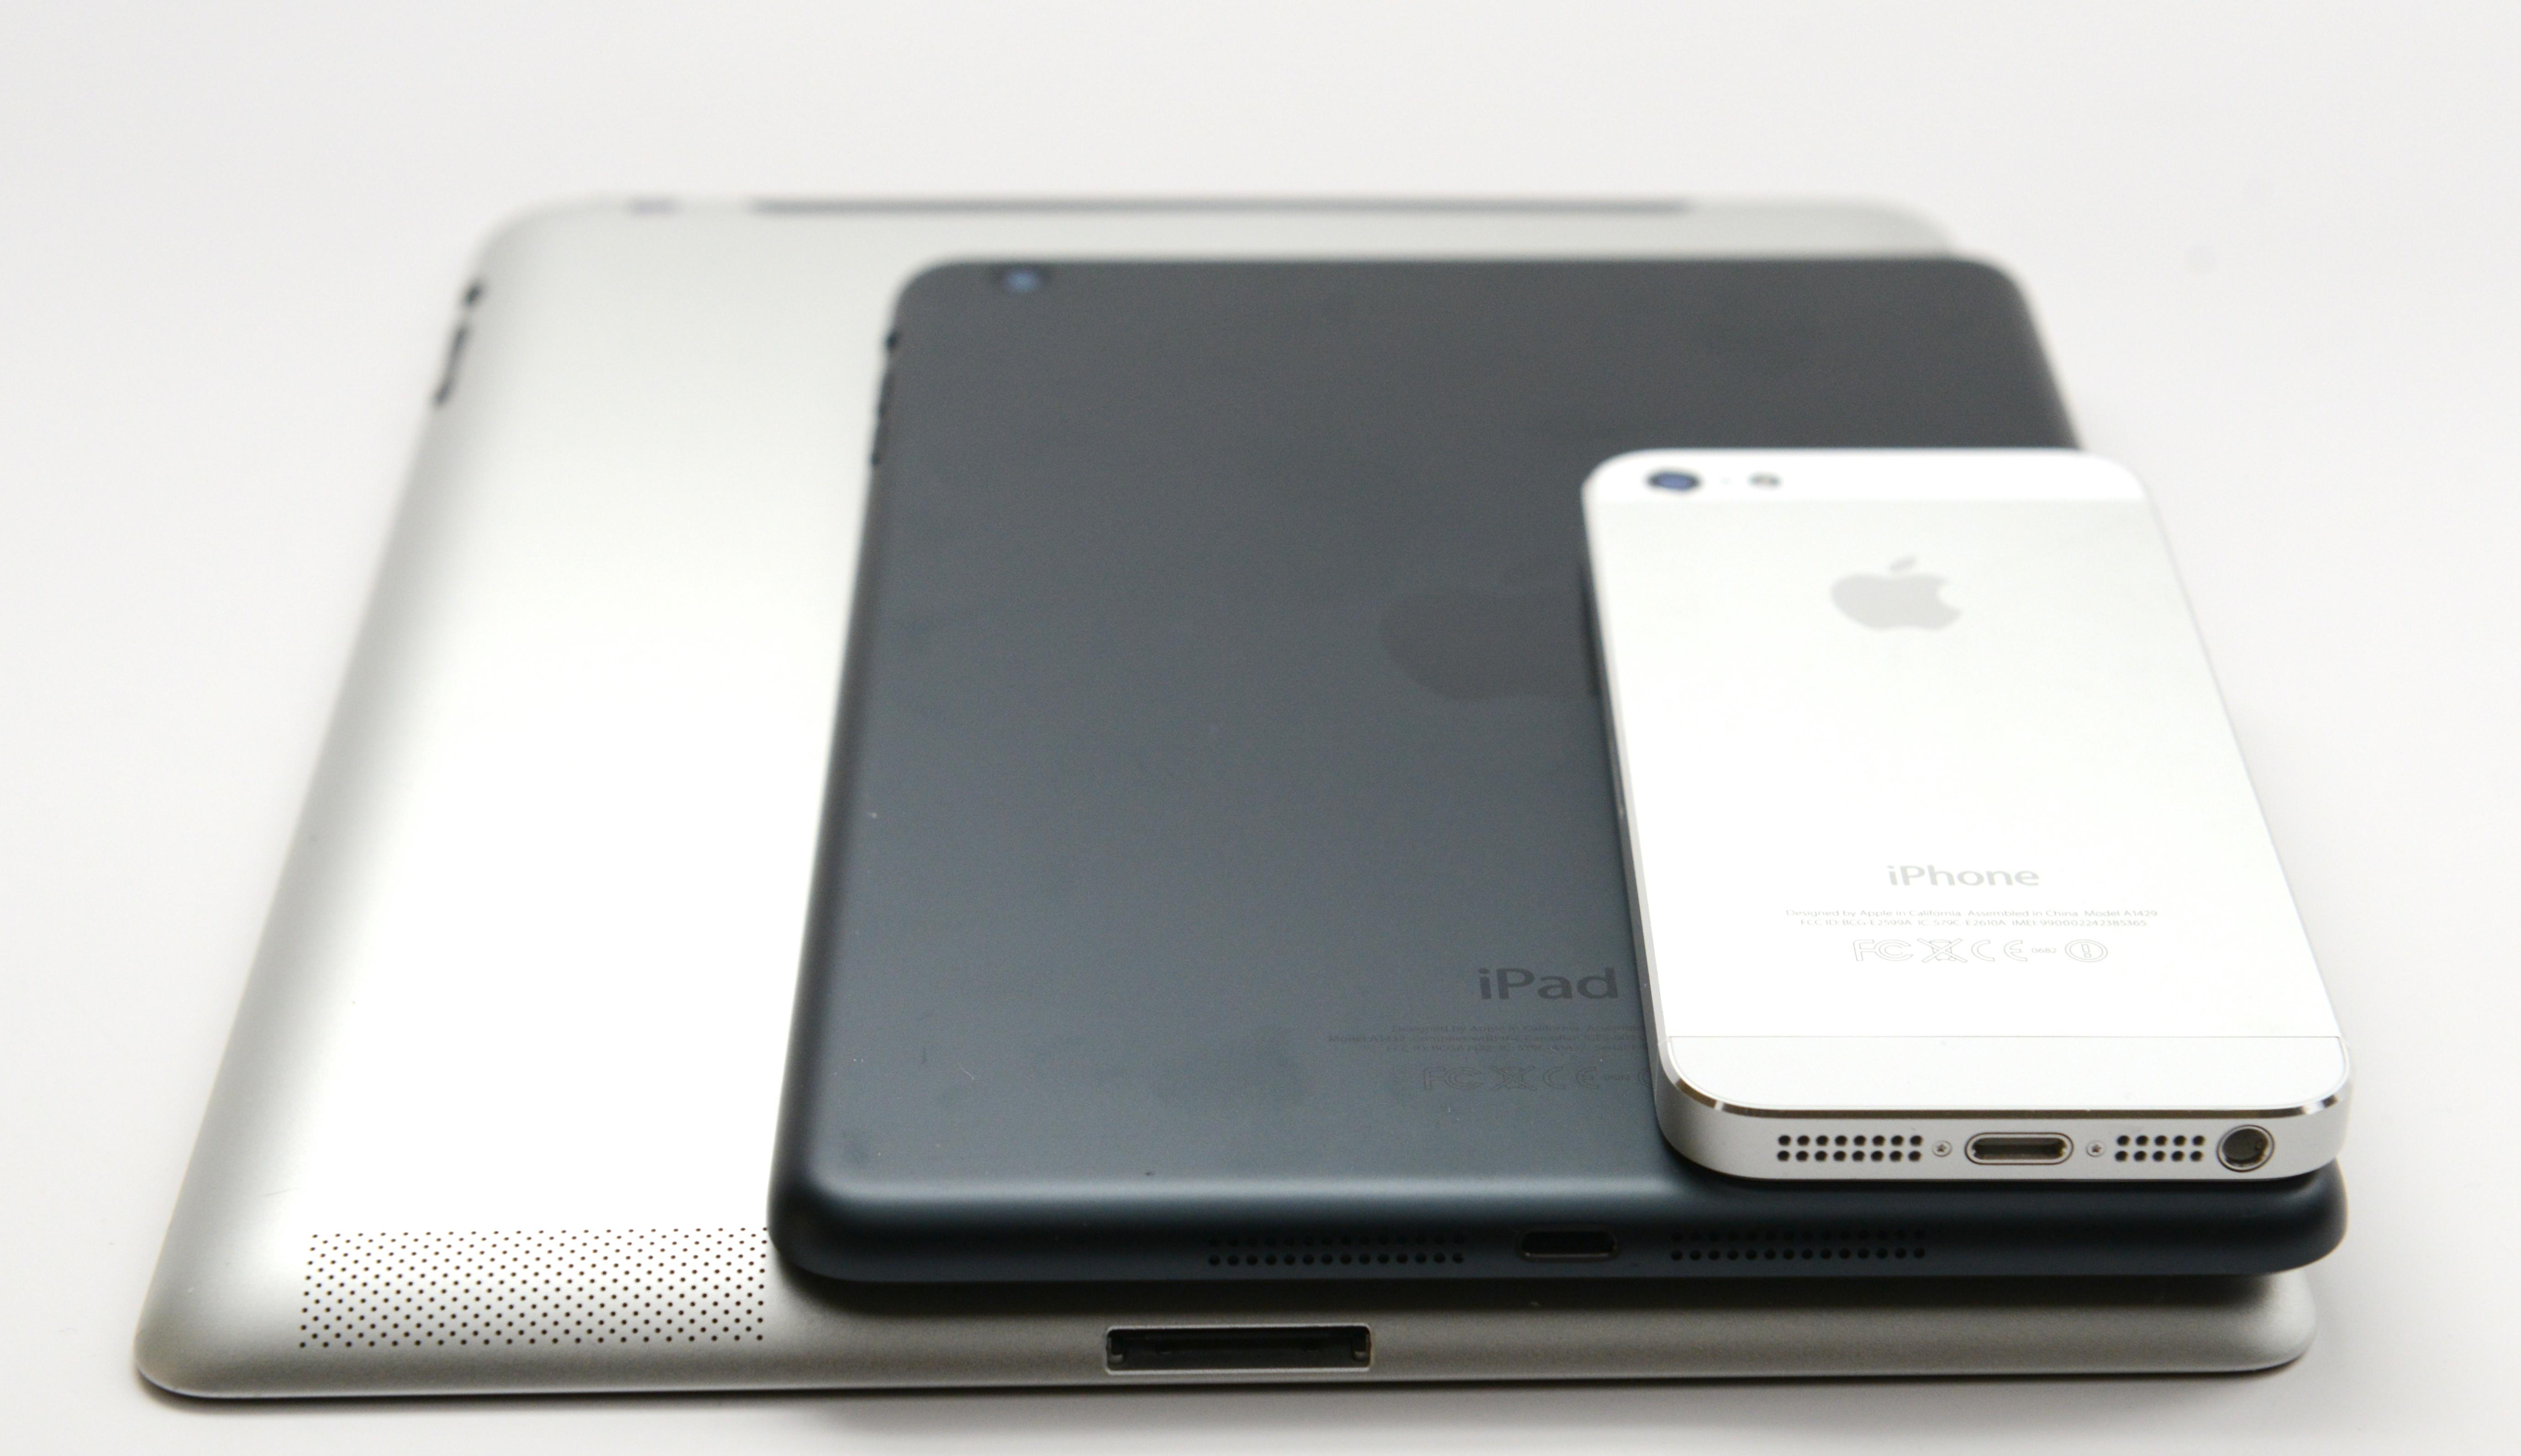 Ipad Mini A6 Chip Iphone 5 Specs